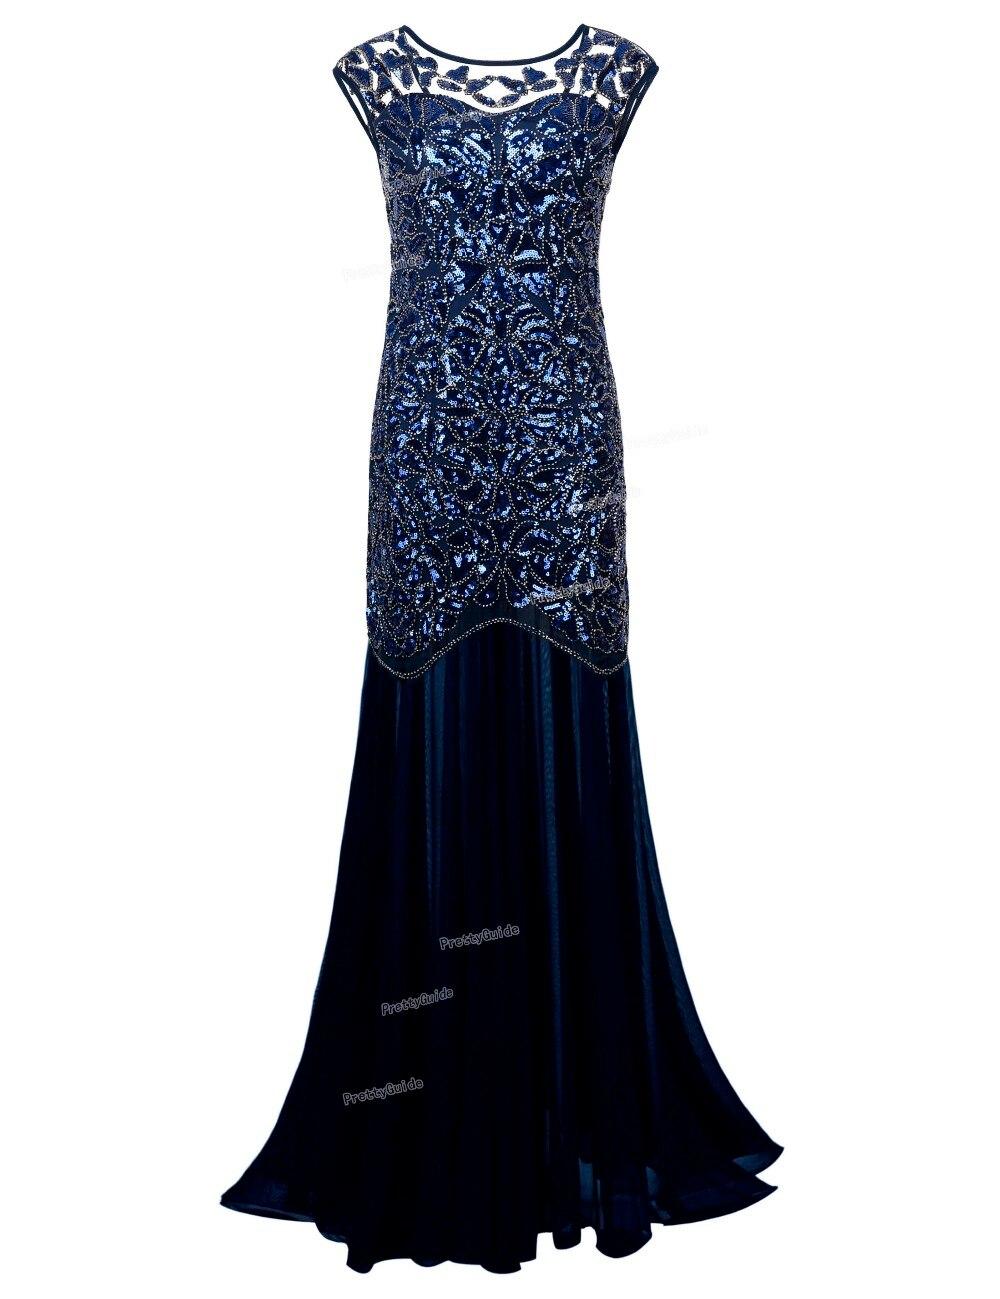 гэтсби платье бесплатная доставка